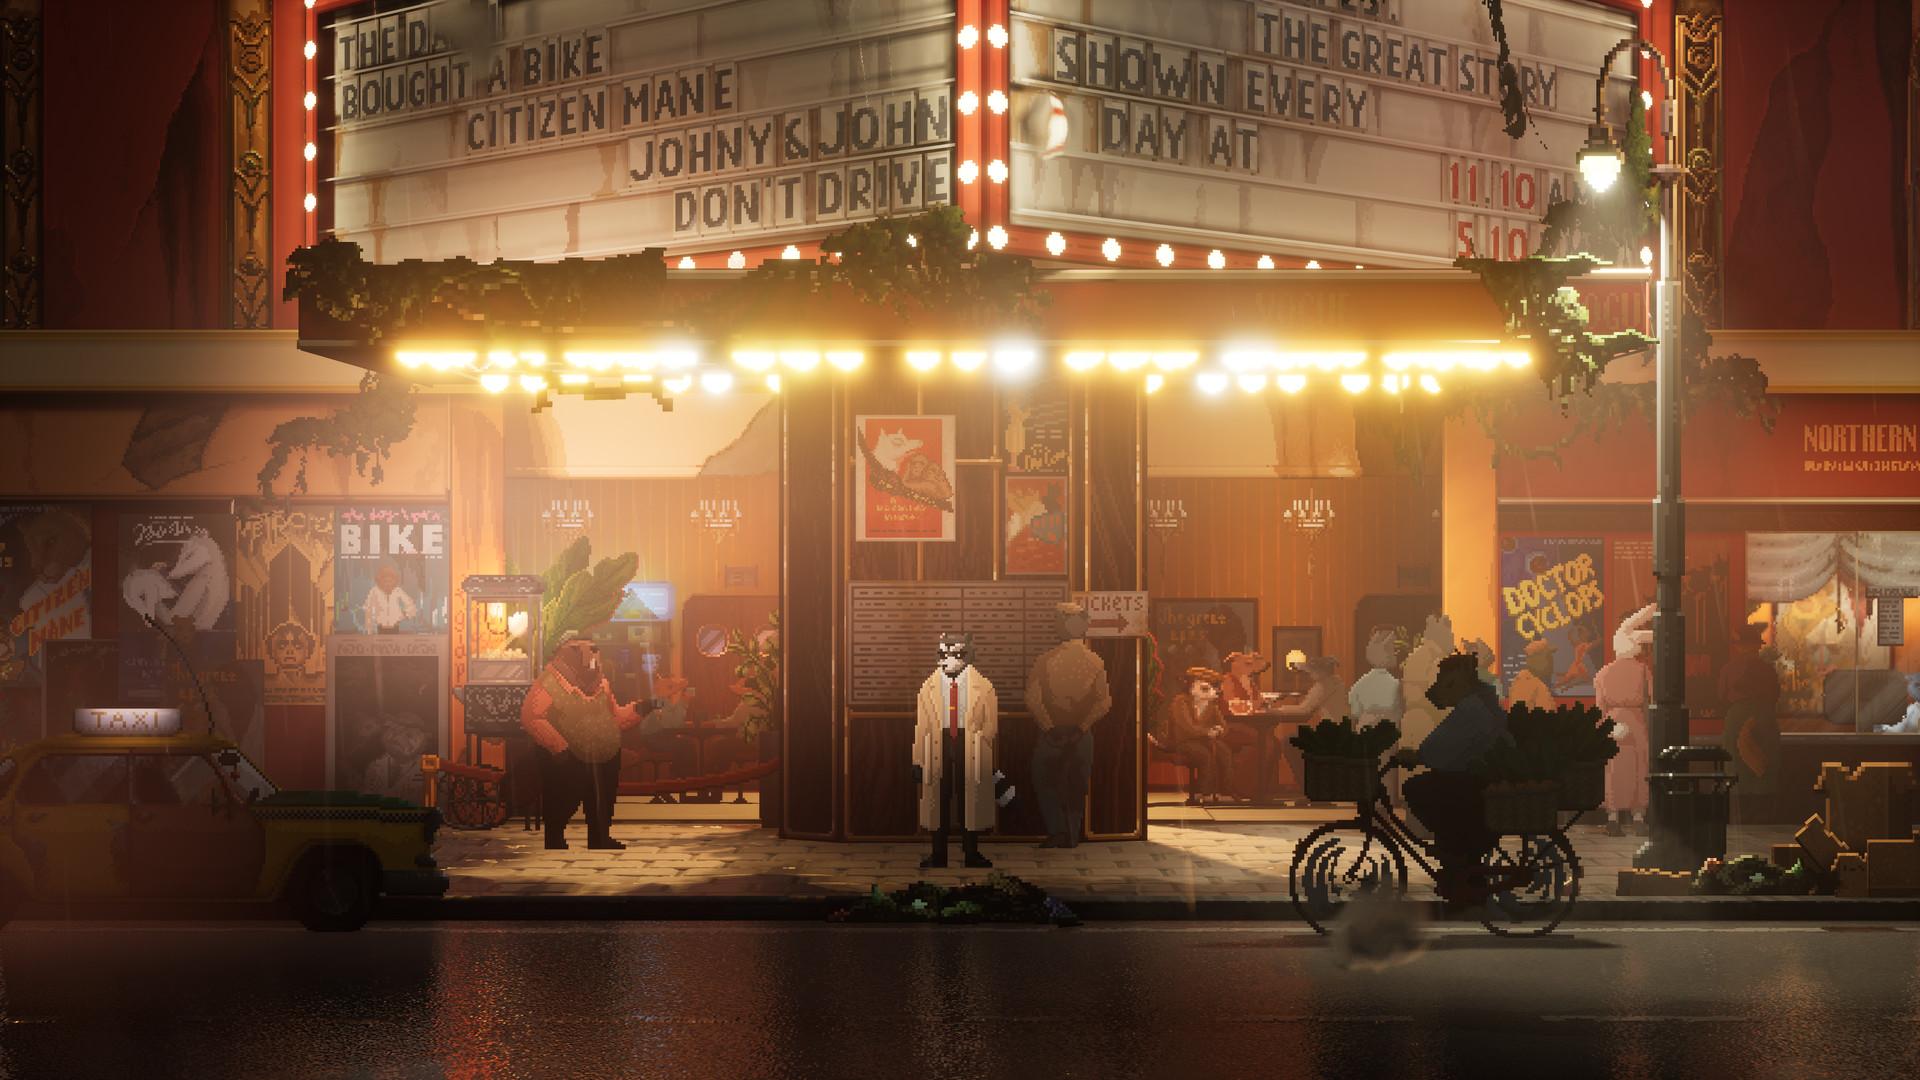 Jak to mówią, pod latarnią najciemniej. W tym przypadku, pod kinem. (źródło: Steam)